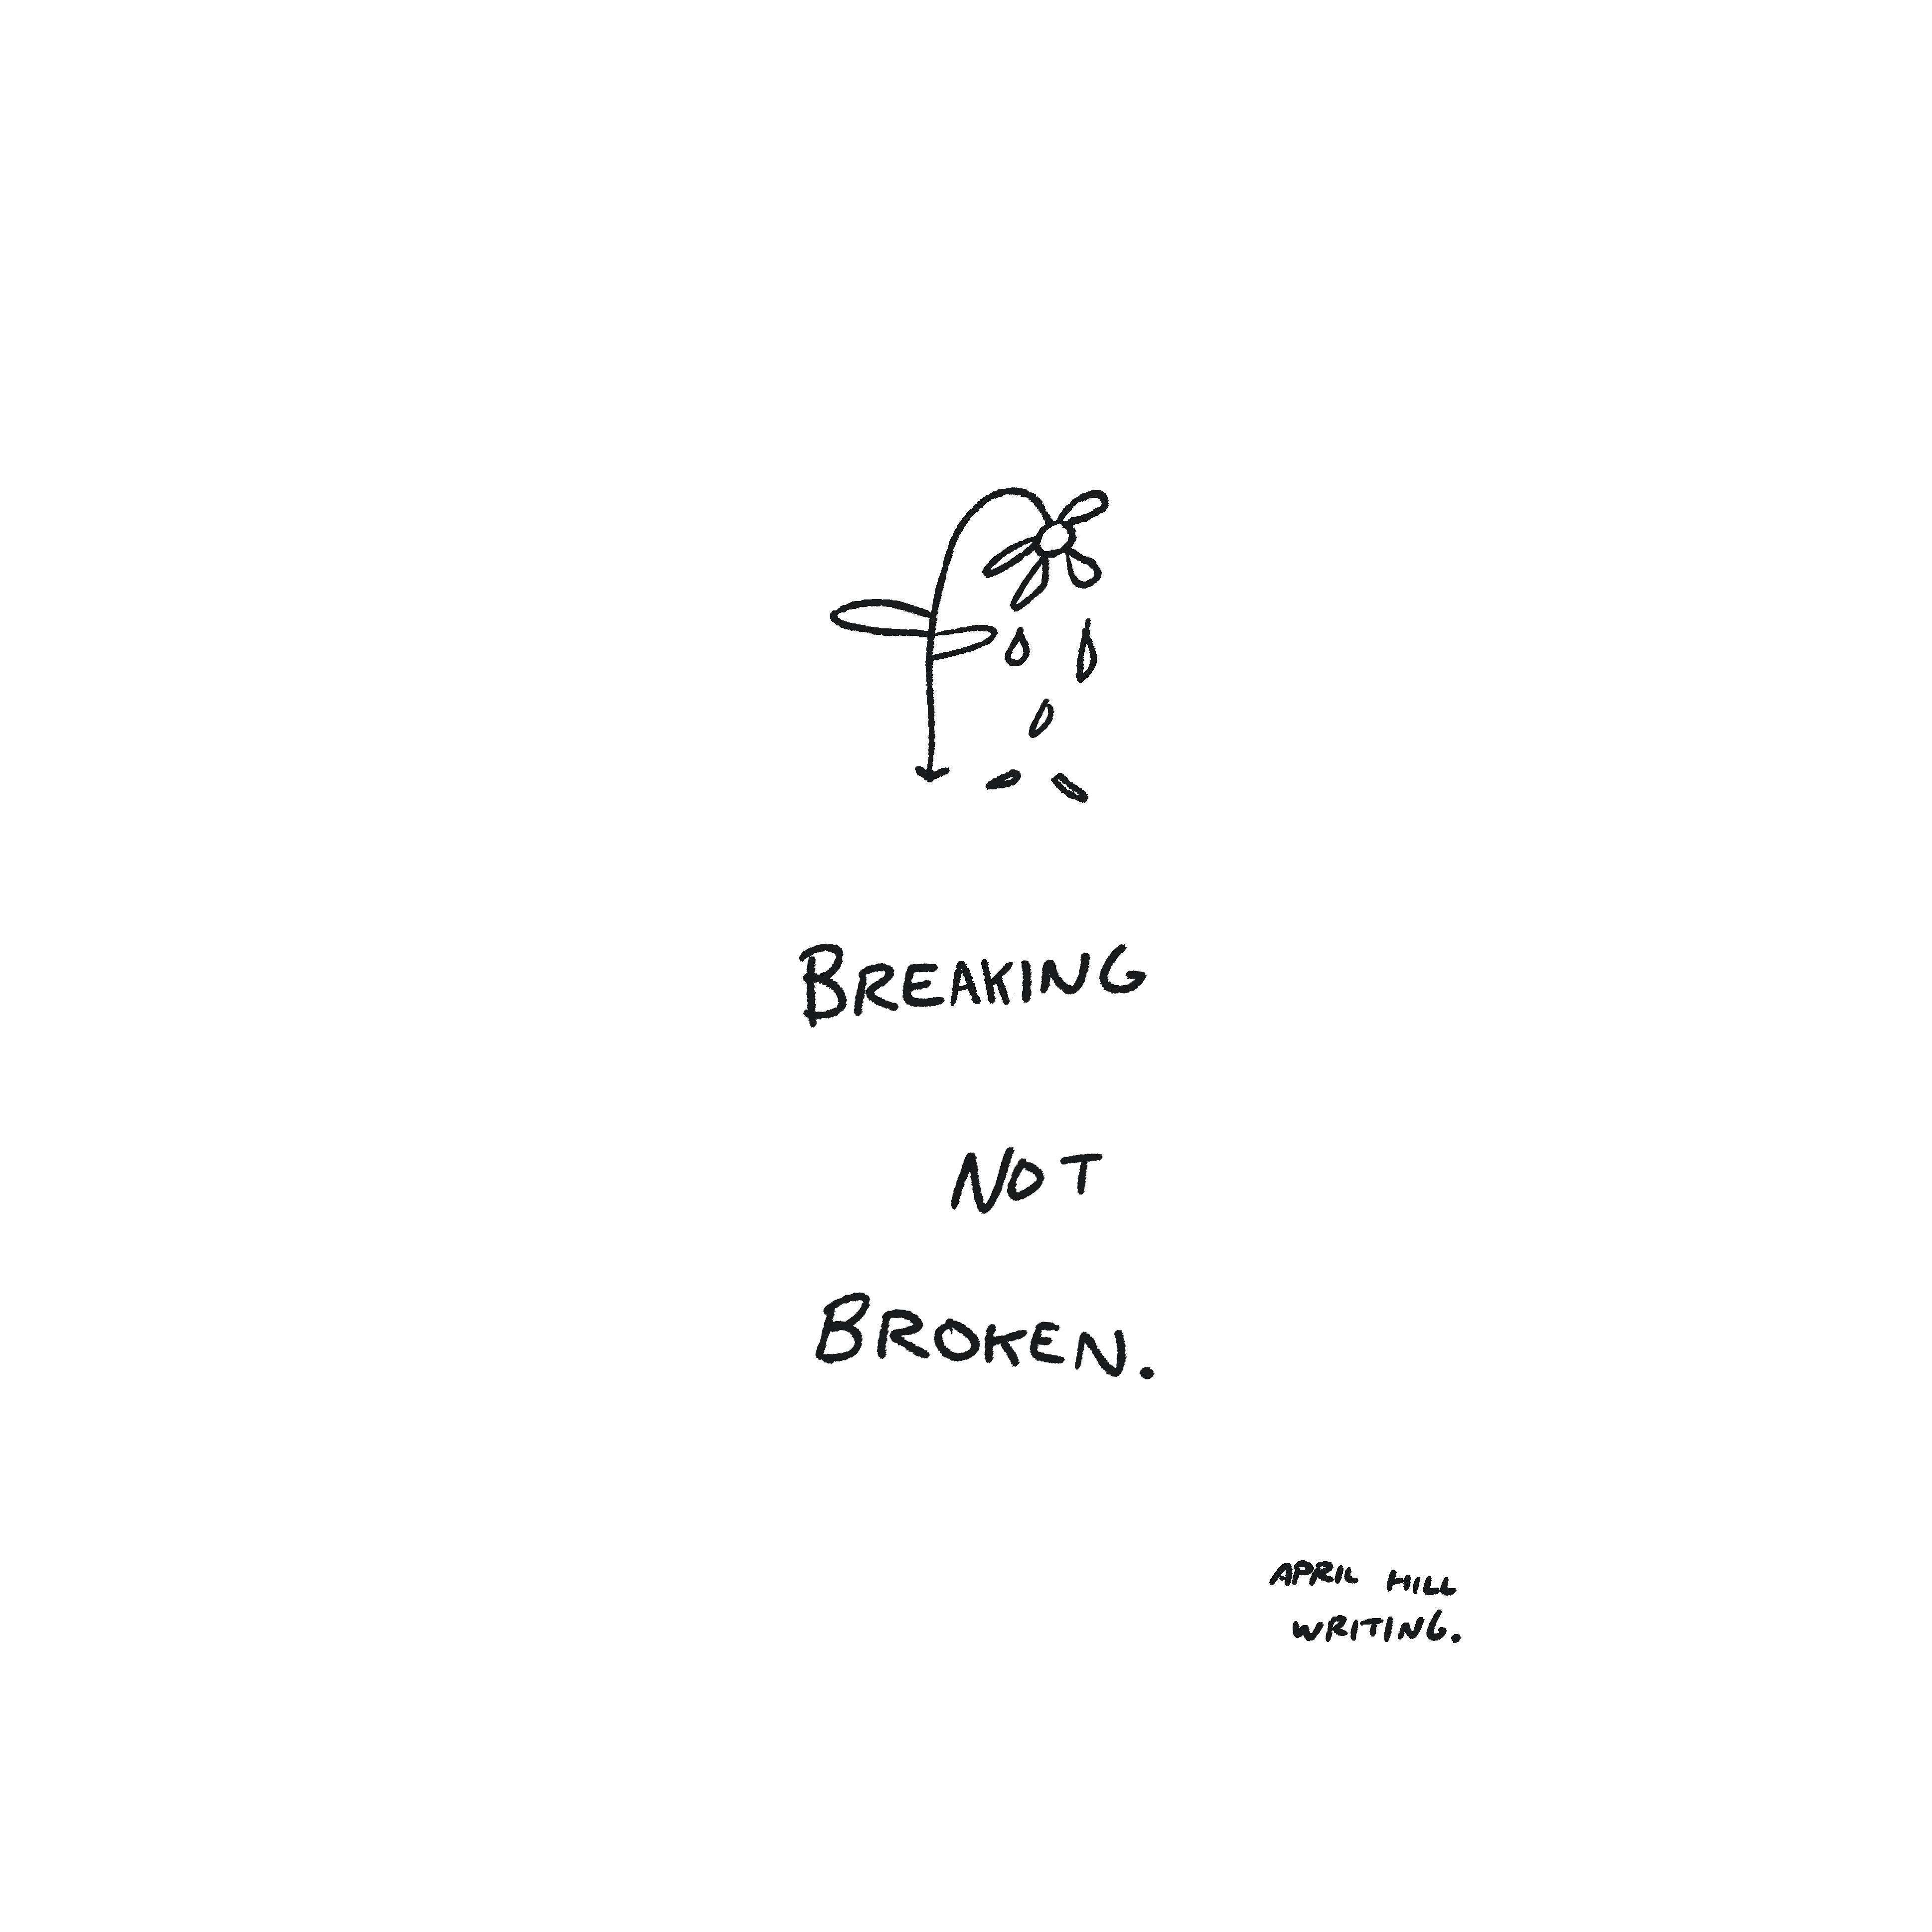 [Image] Breaking Not Broken. Keep going.